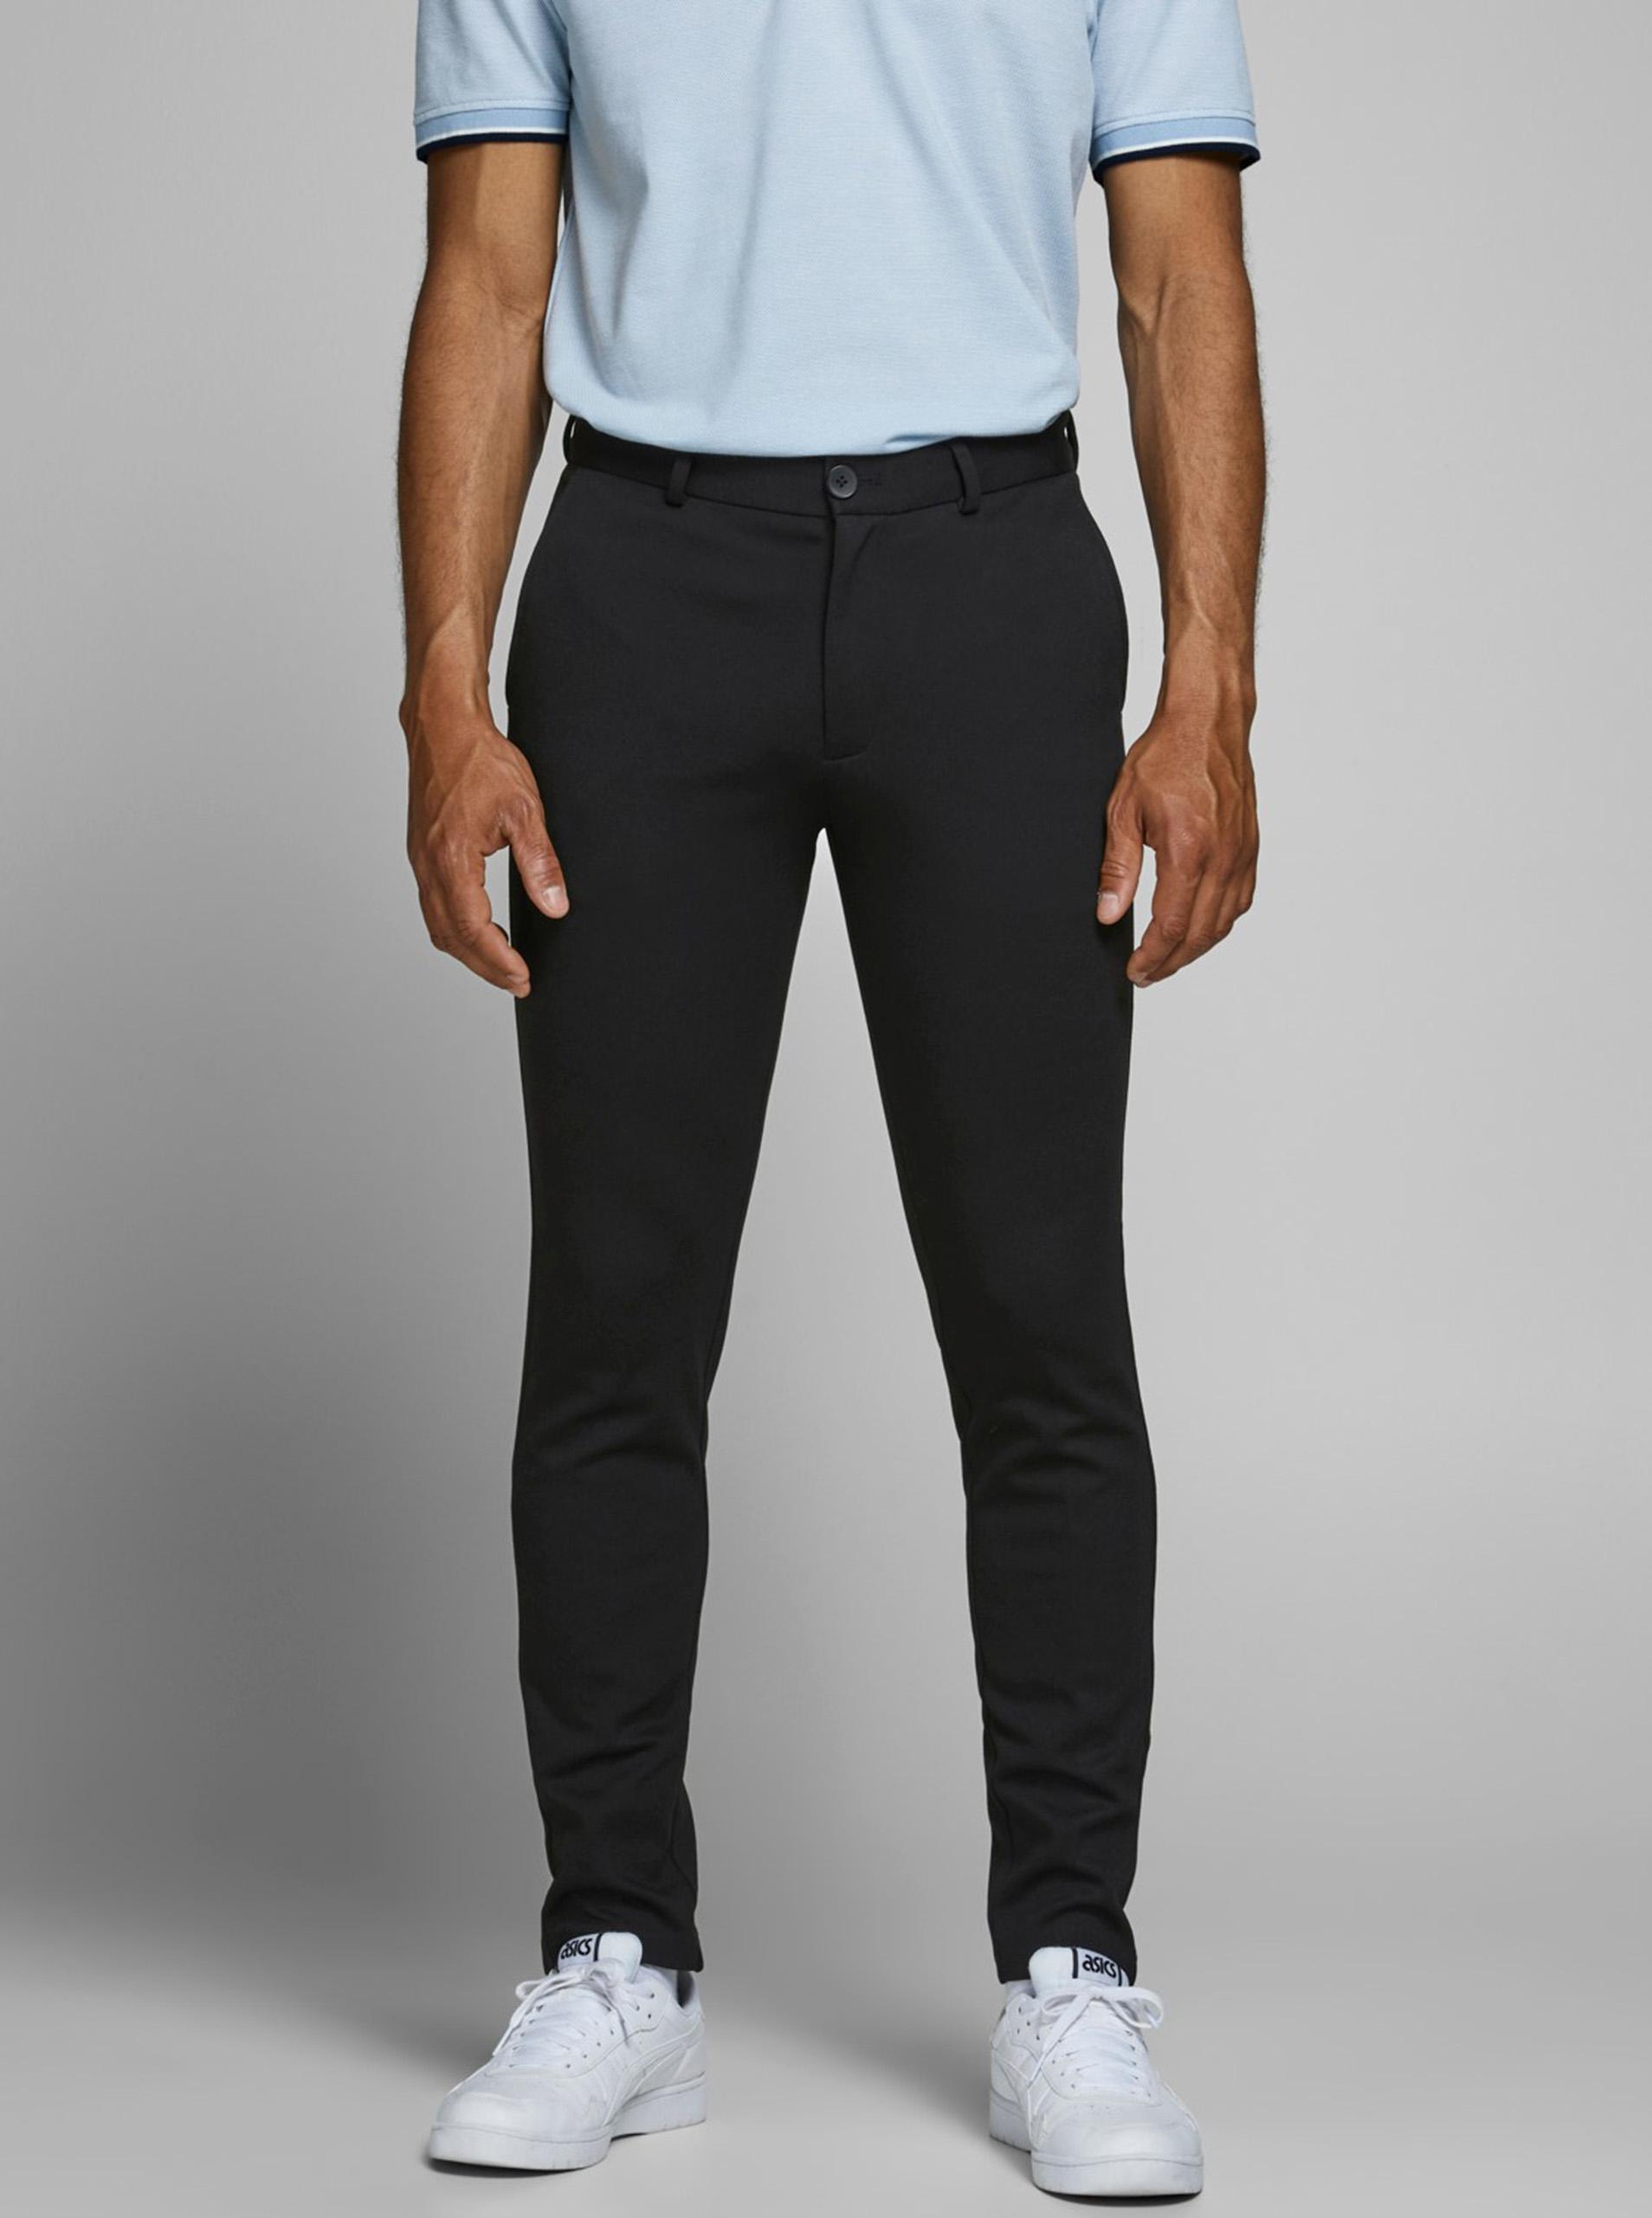 Jack & Jones čierne nohavice Marco - XL